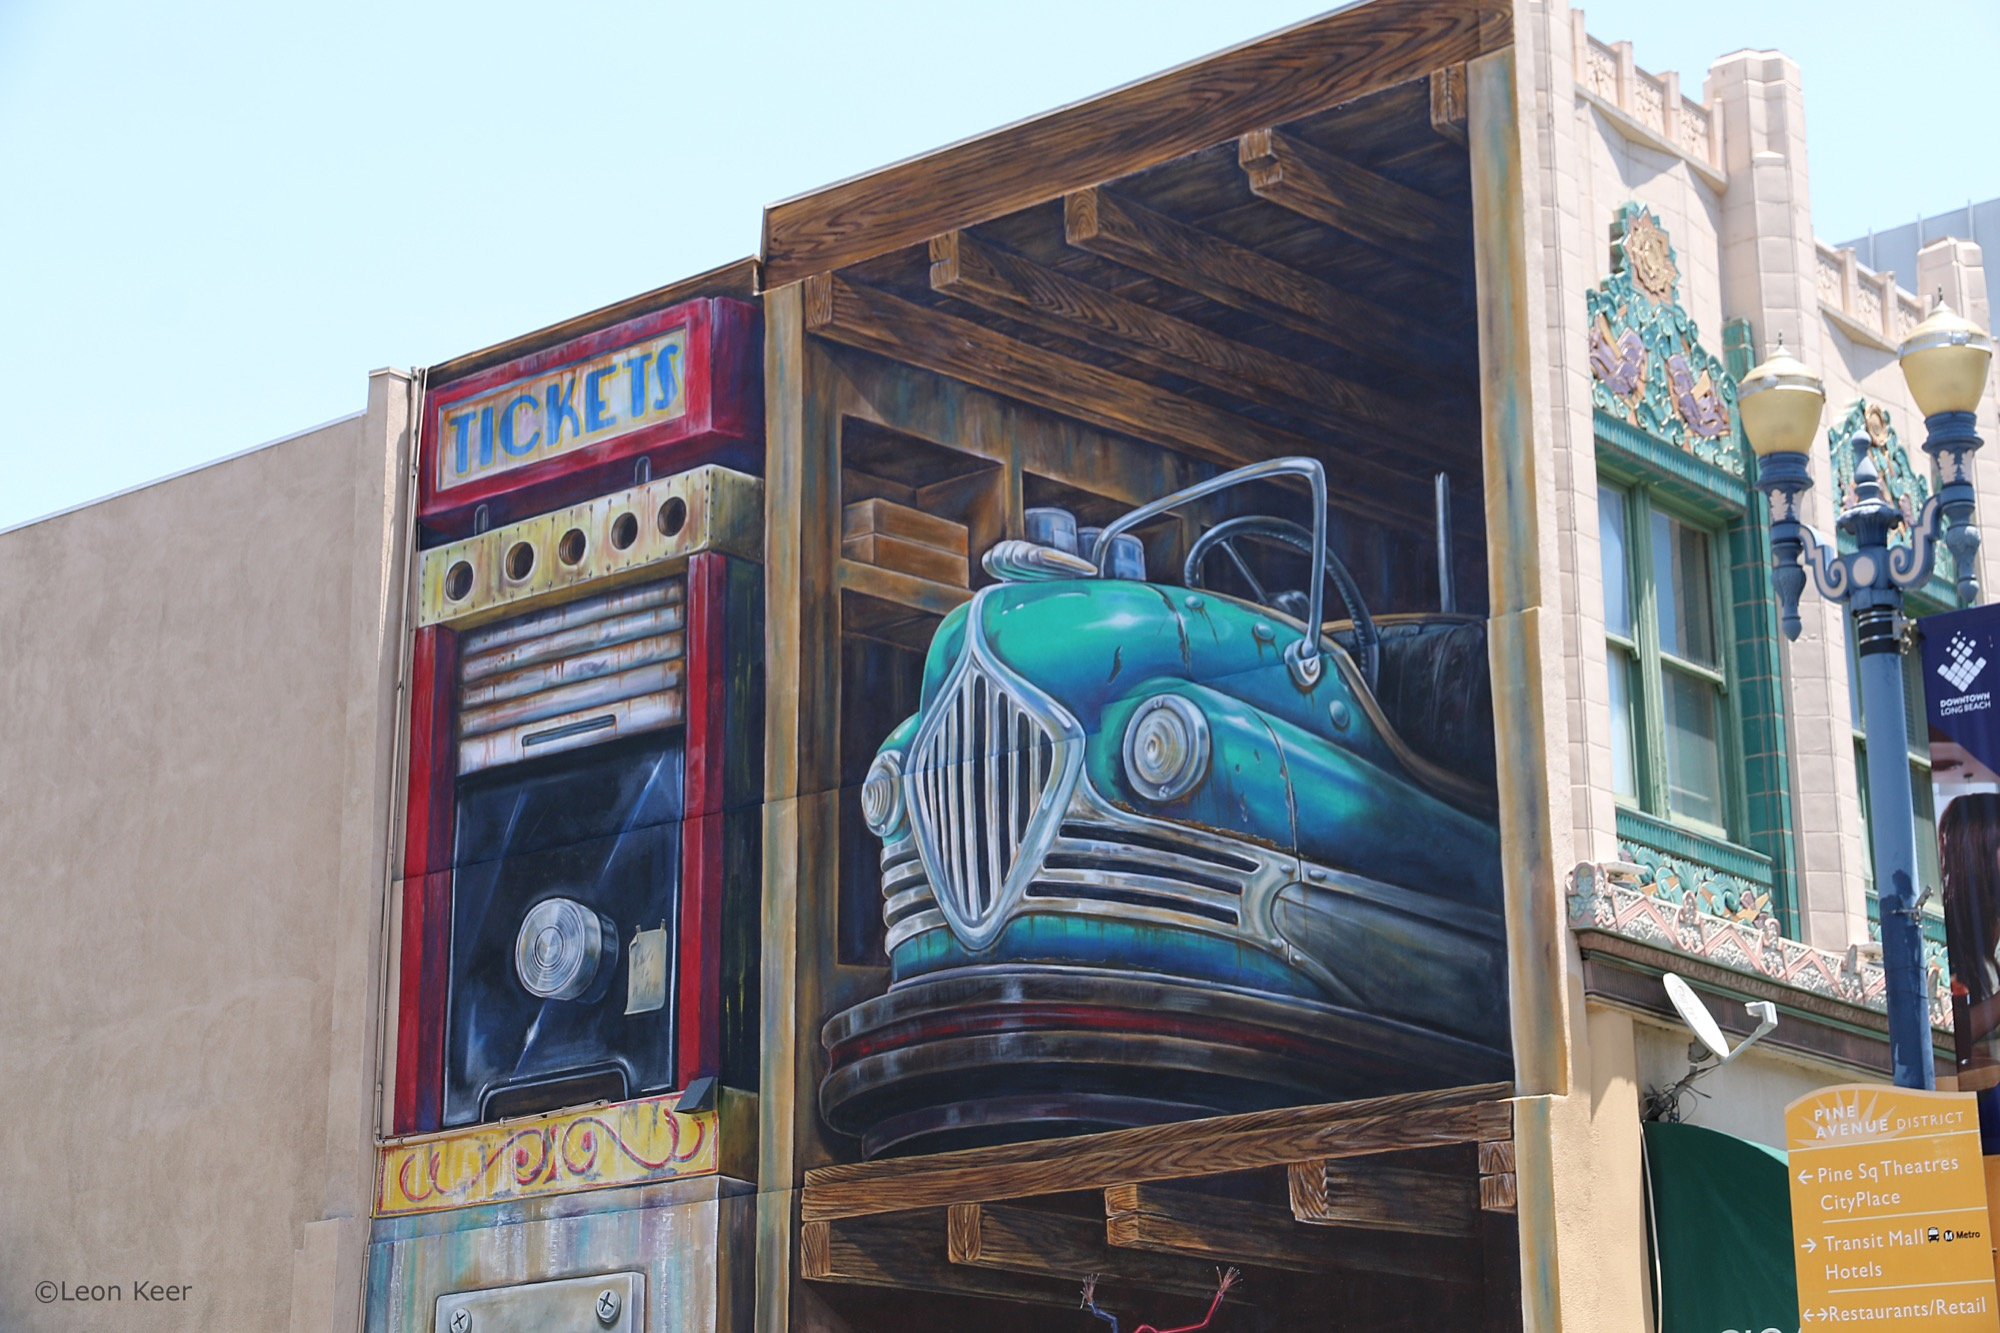 Leon Keer in Long Beach, California Artes & contextos 3dmural leonkeer powwowlongbeach 43292052991 o